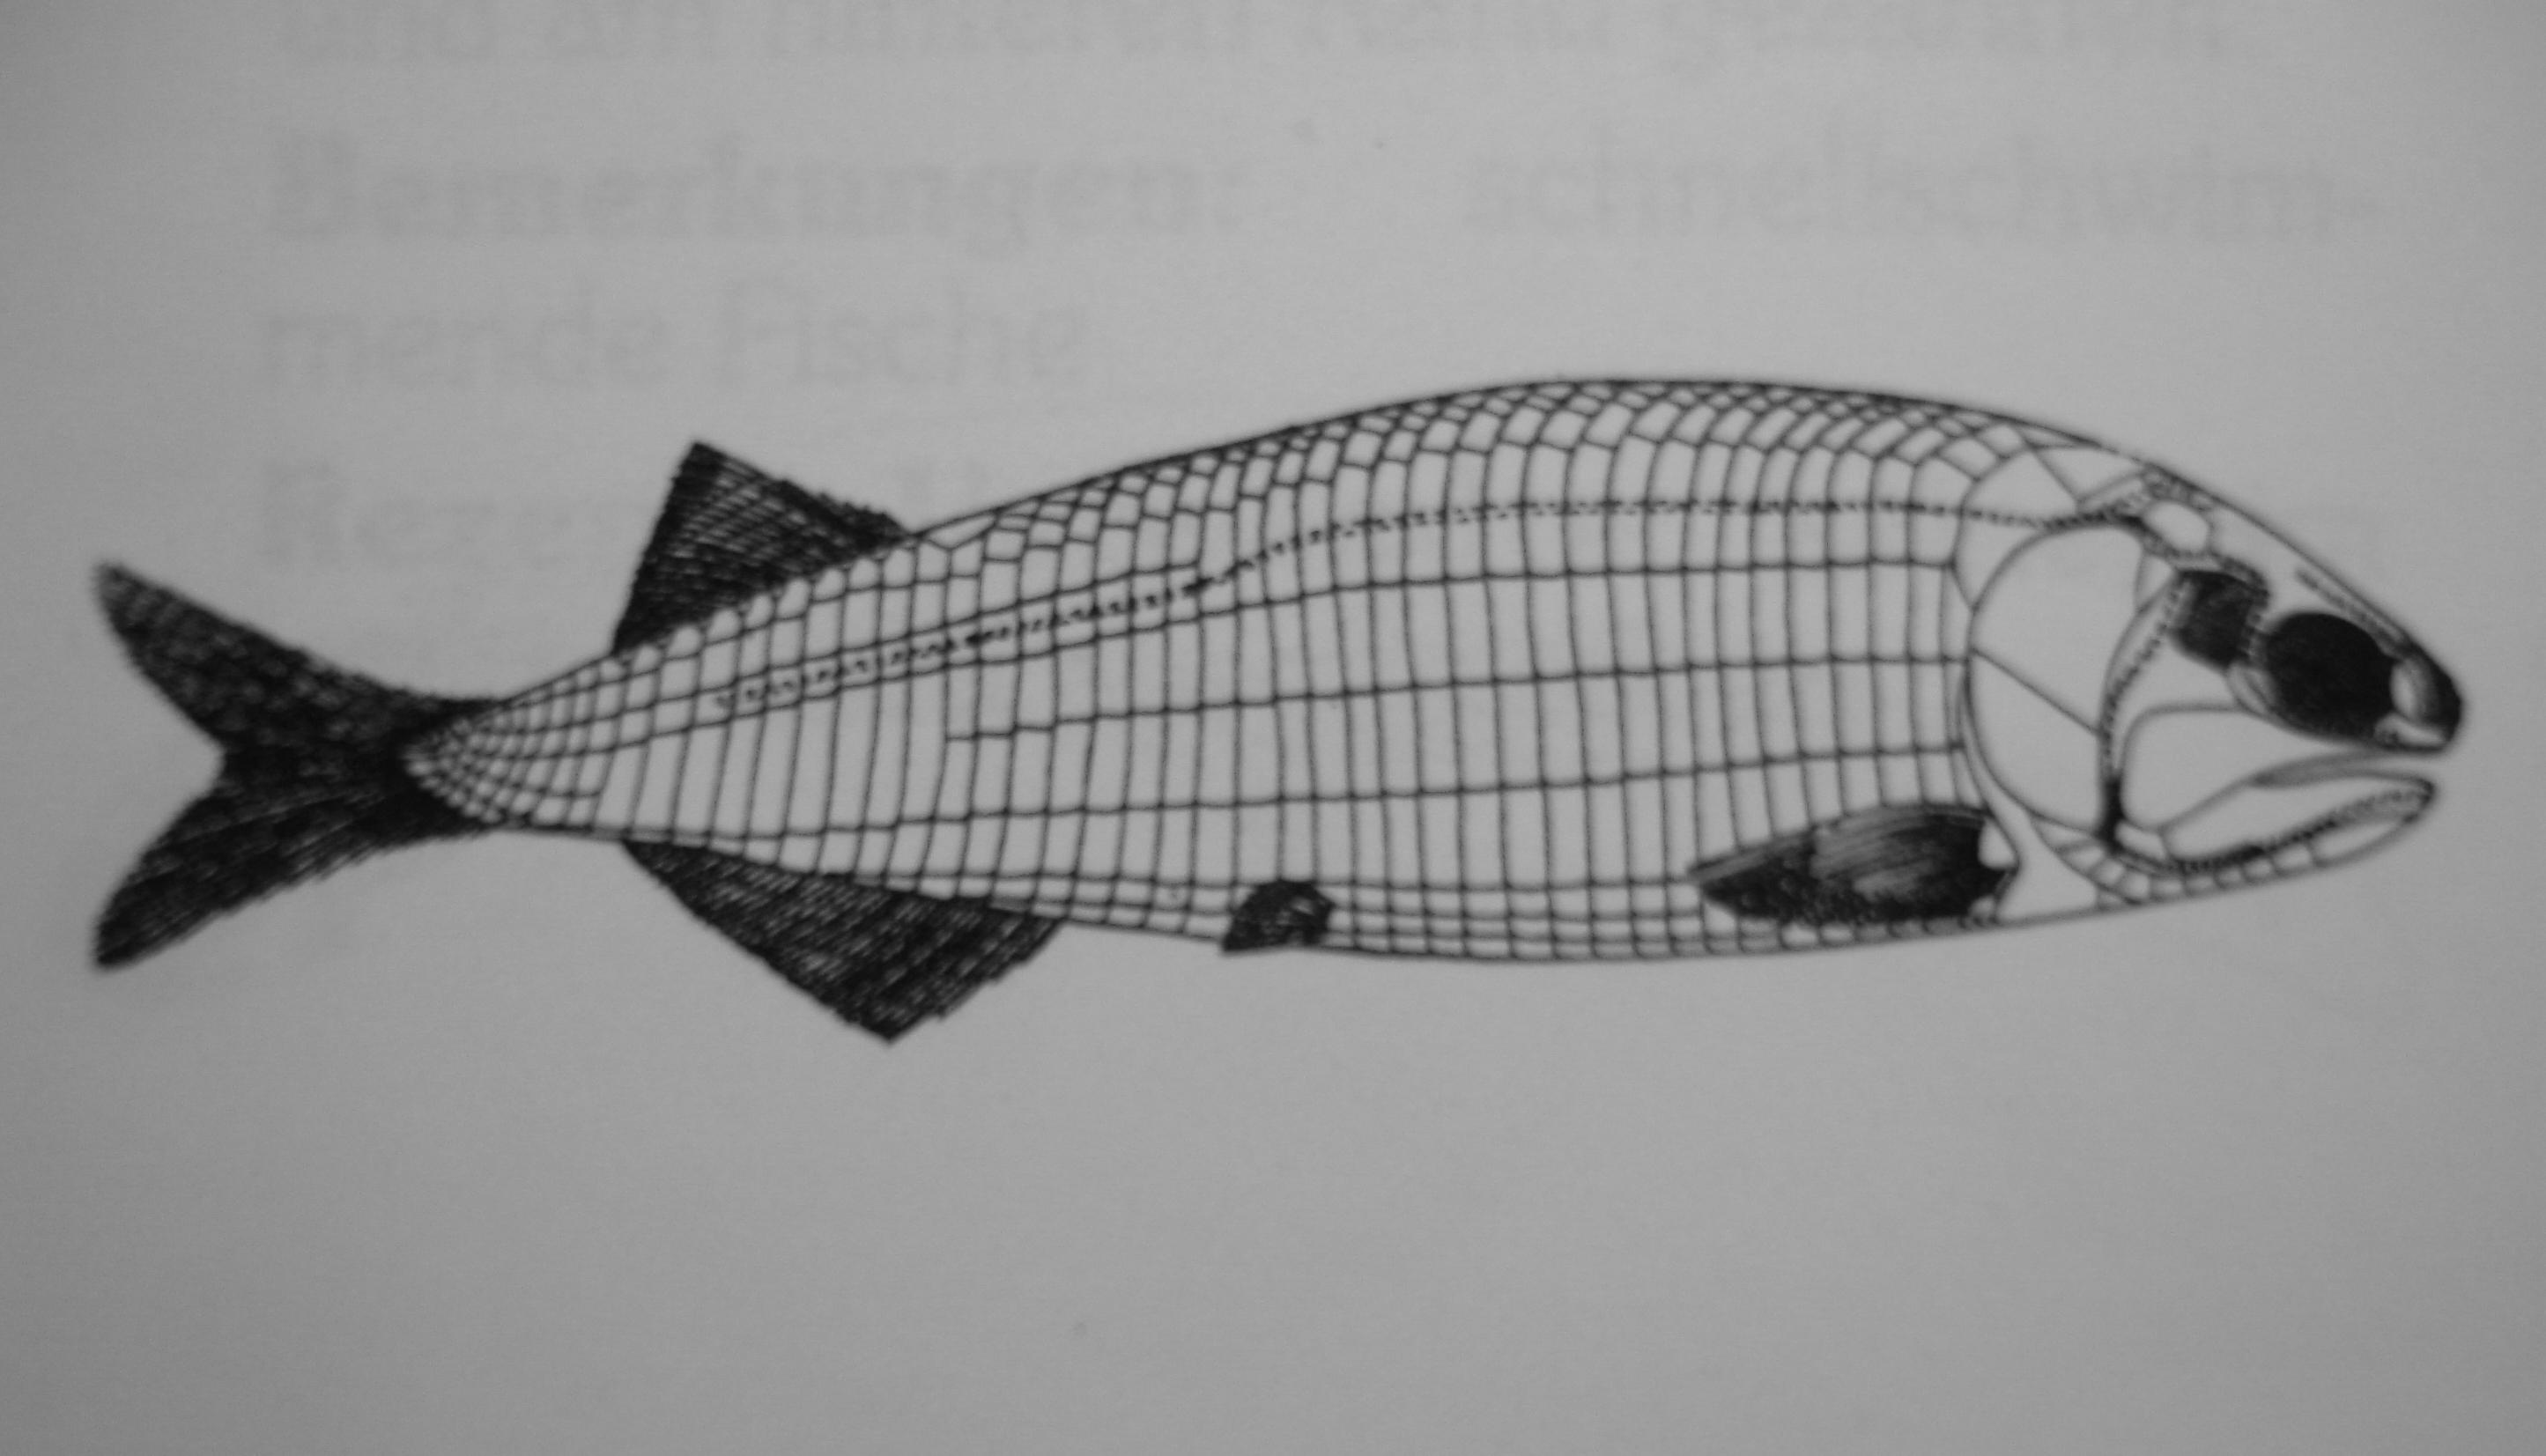 Australosomus Rek2.jpg